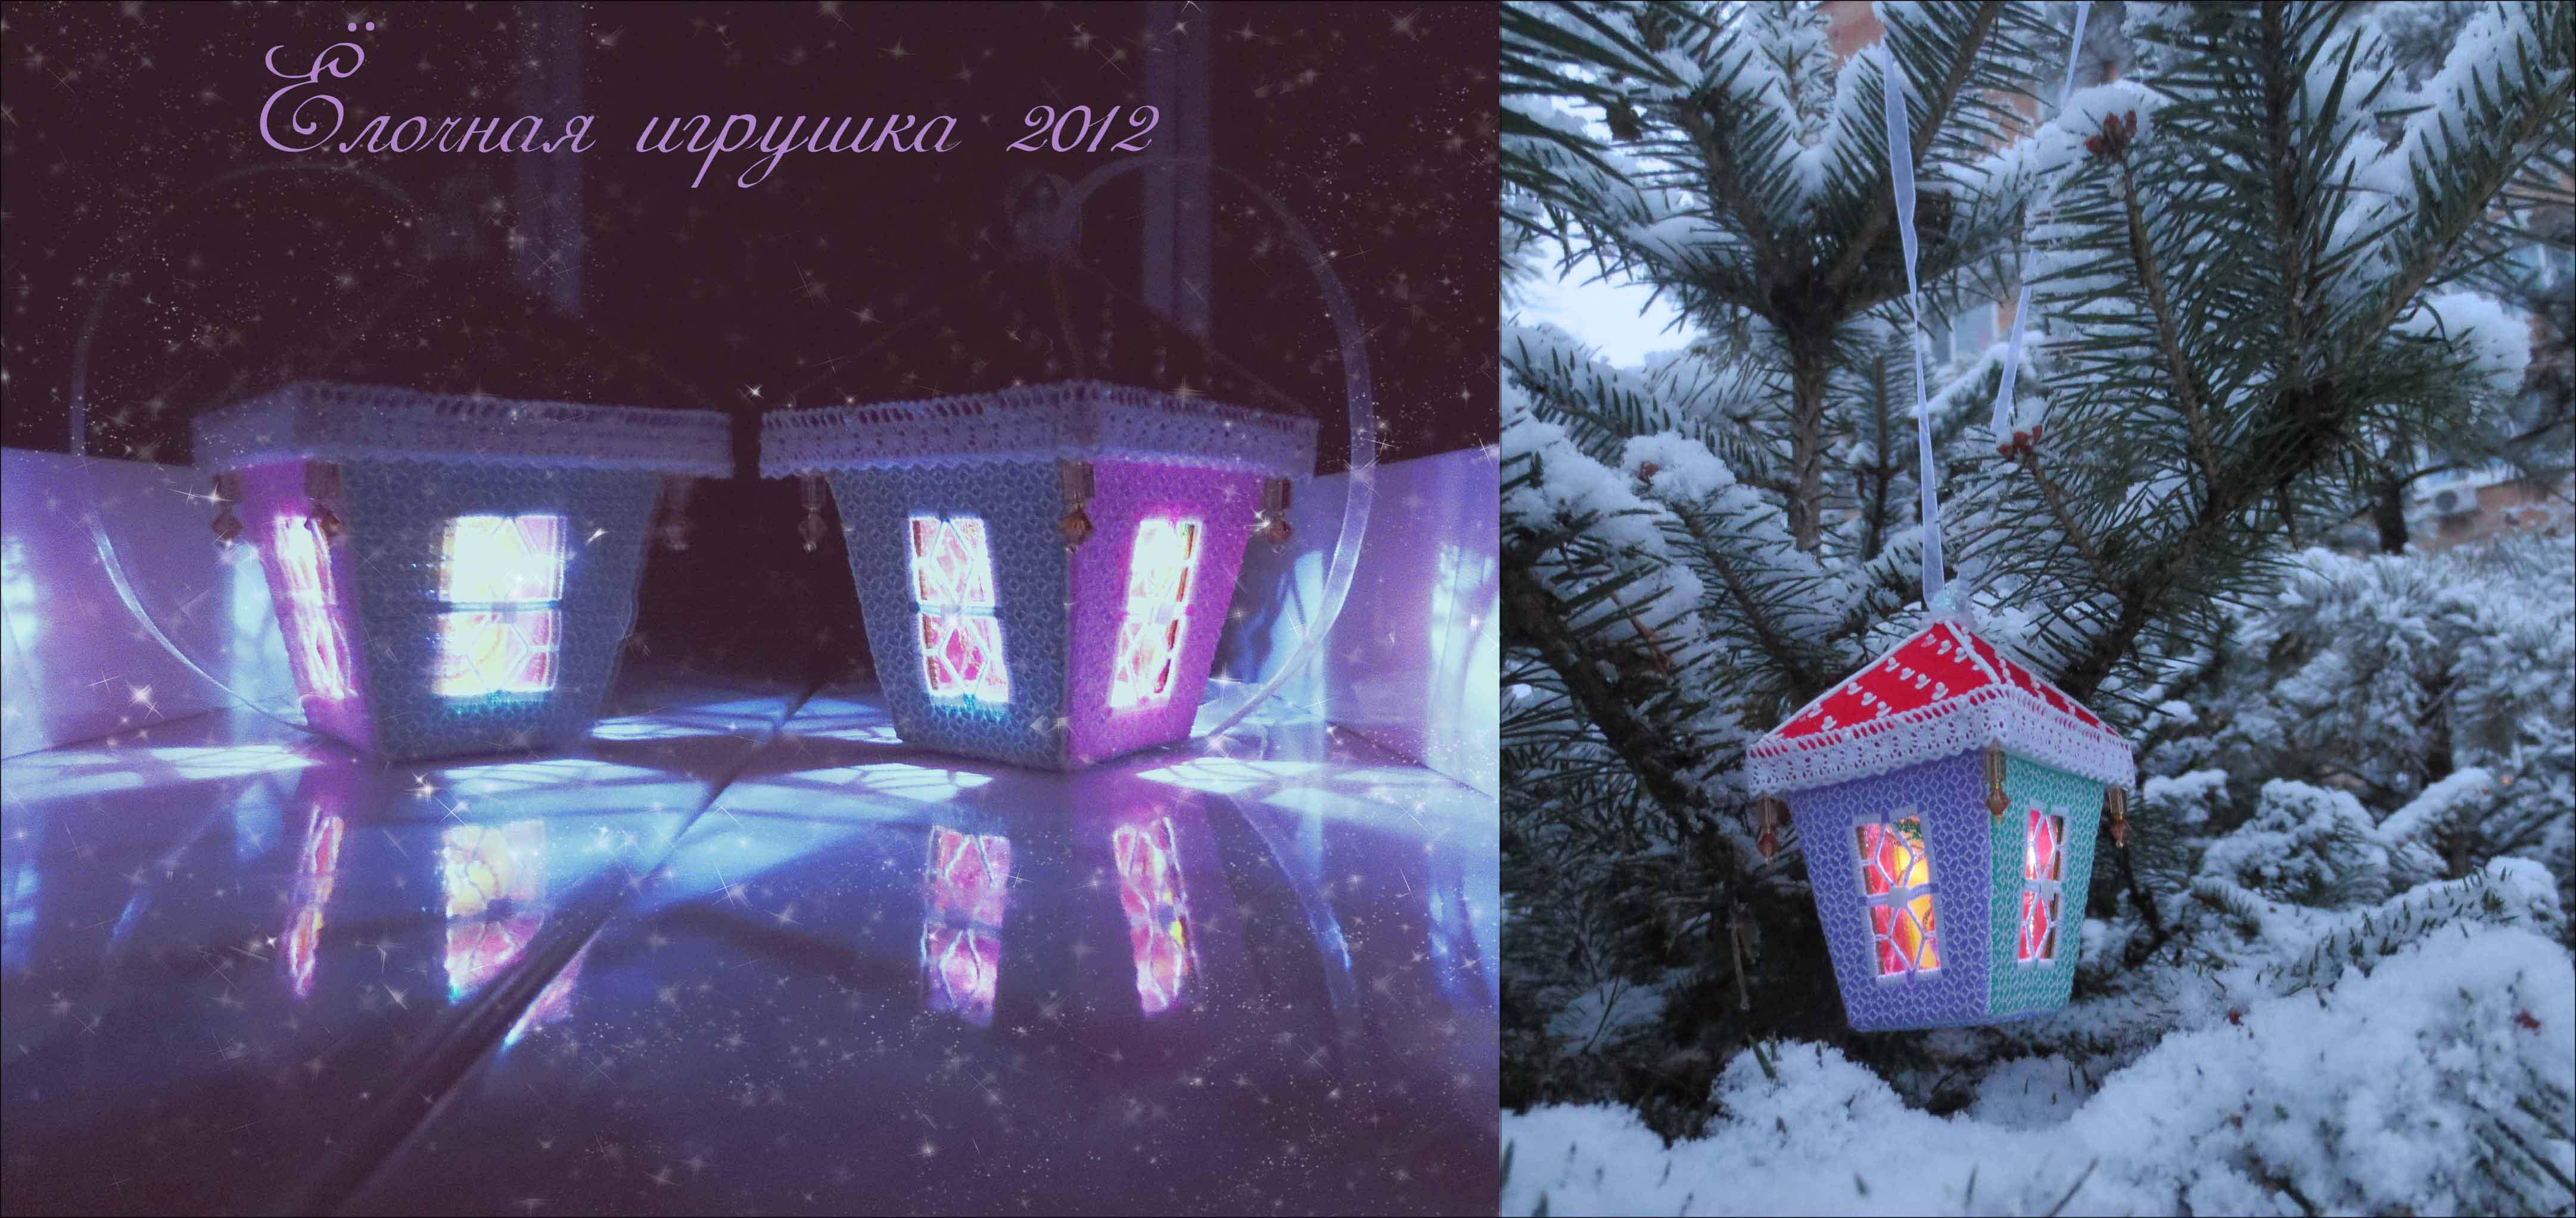 01 - TashaZ для ИЖ. 2012 Новогодняя игрушка